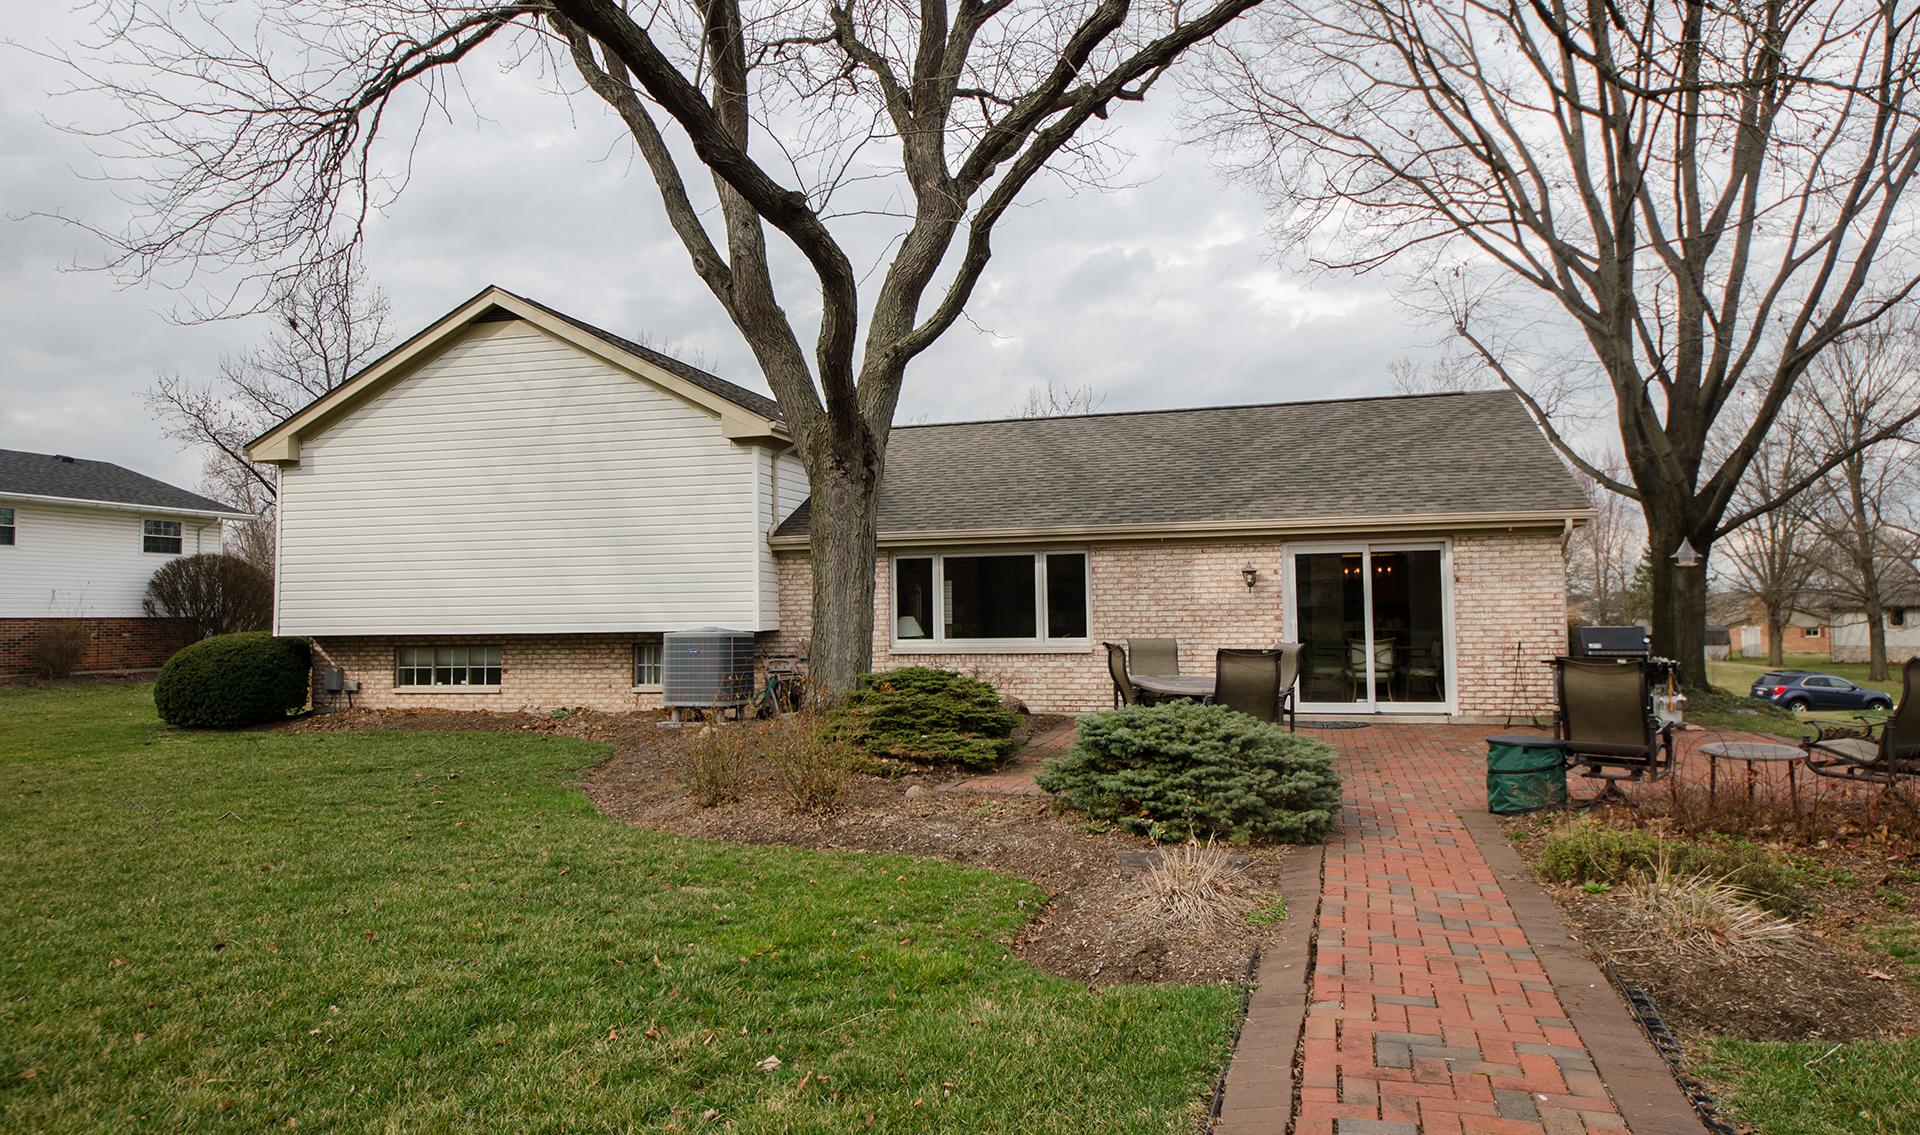 Best Kitchen Gallery: 820 Sunnycreek Drive Dayton Ohio Design Homes Of Design  Homes Dayton Ohio